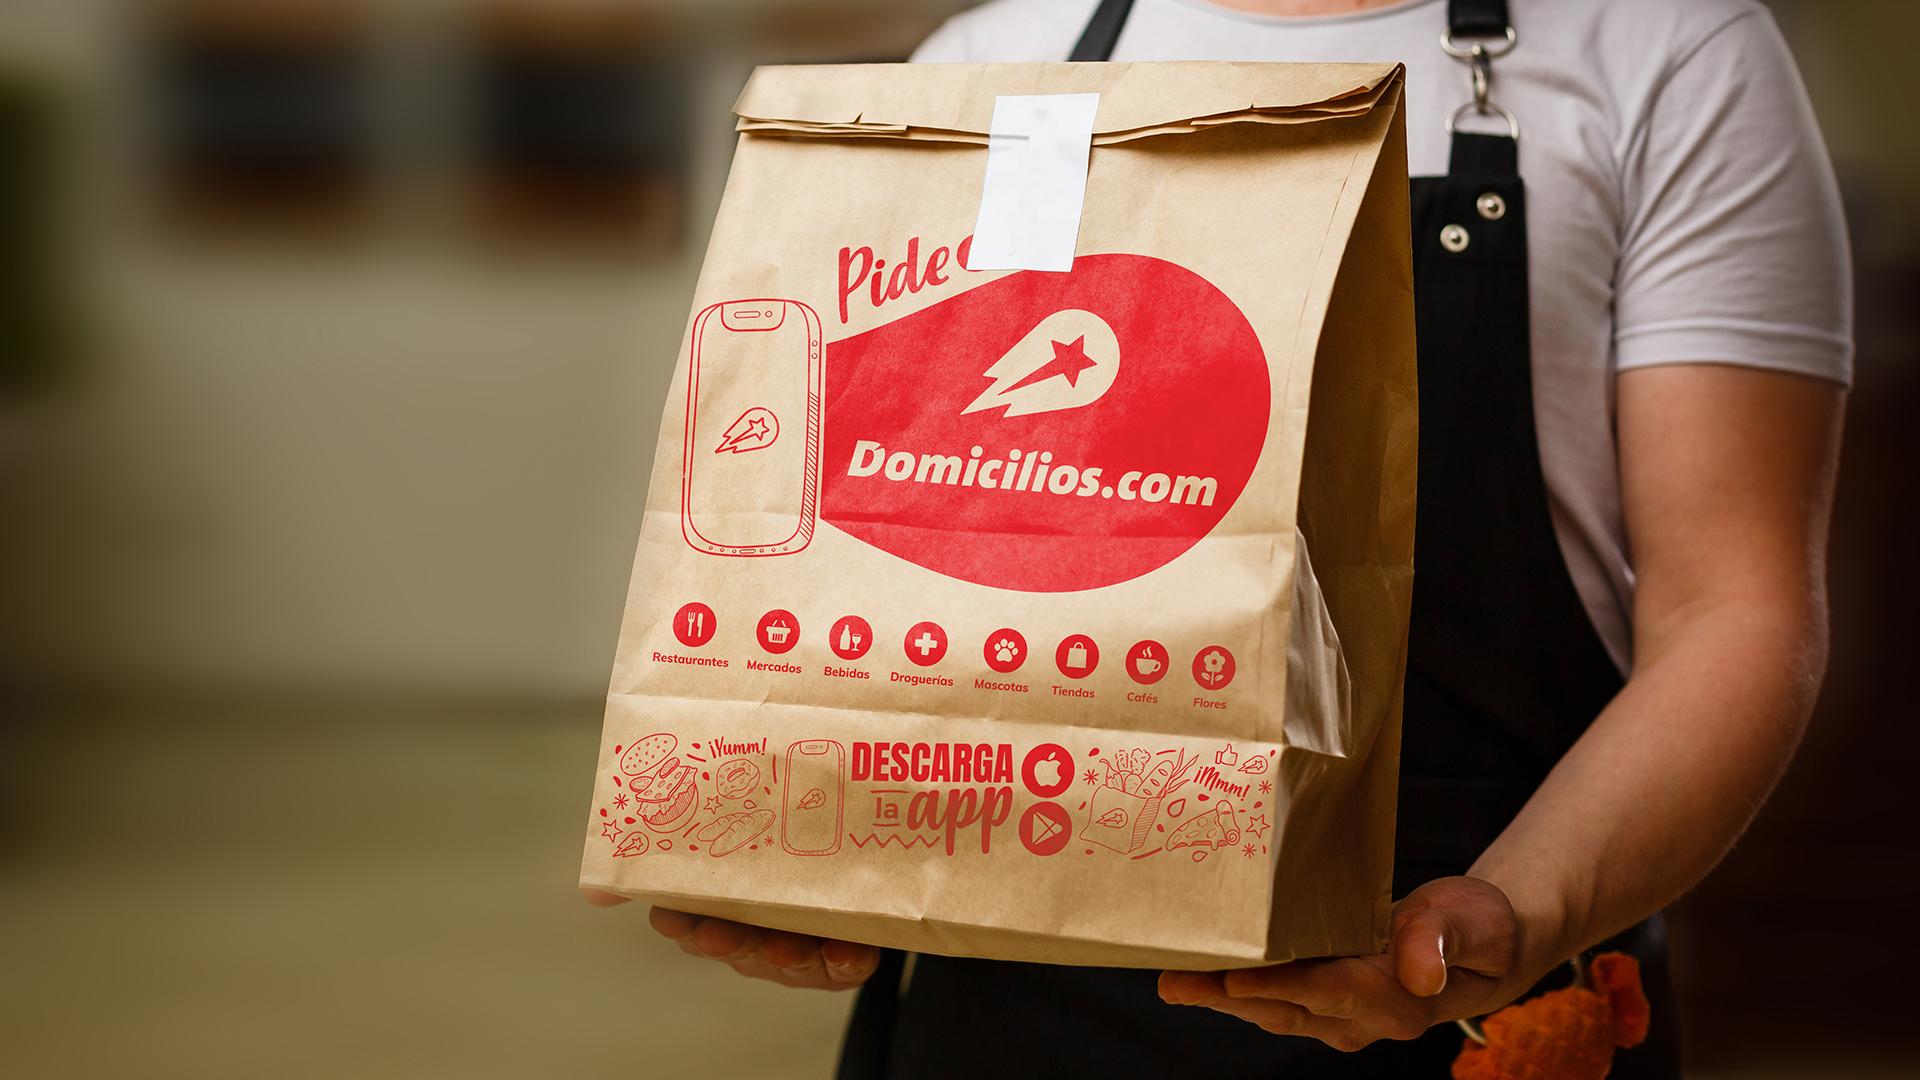 Domicilios.com, la app que cambió la forma de pedir comida hace 14 años